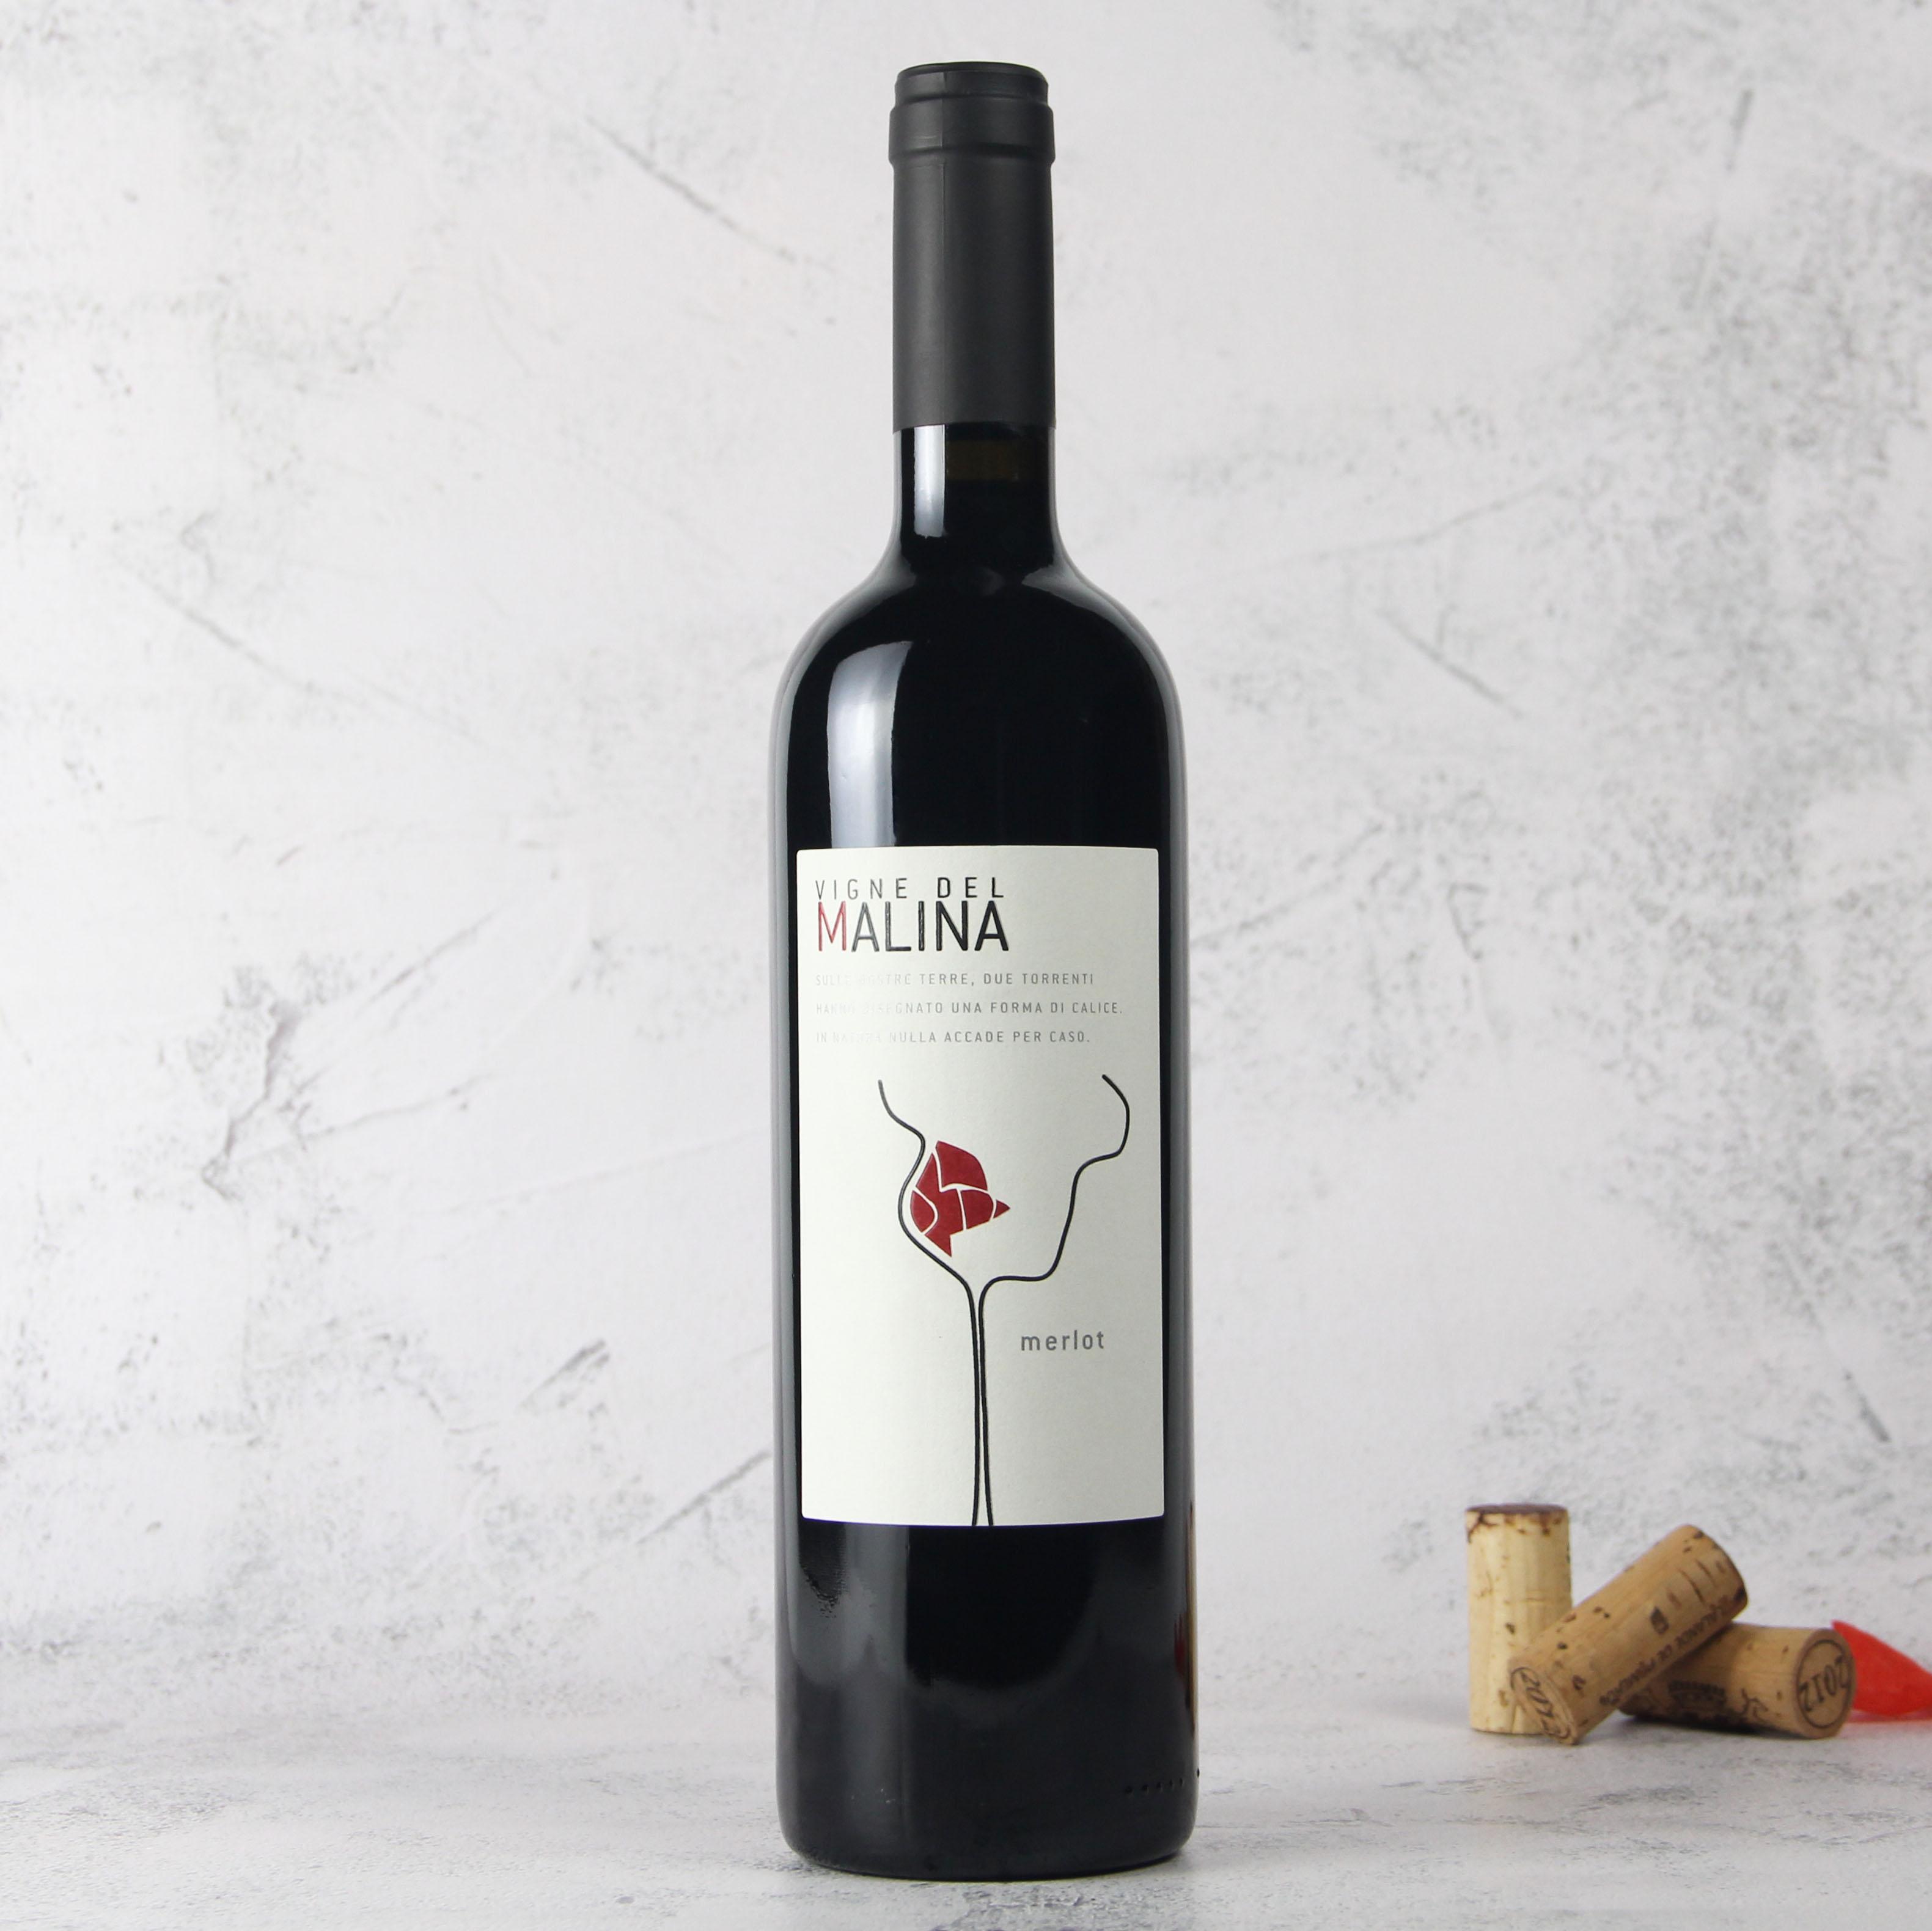 意大利弗留利梅洛干红葡萄酒红酒